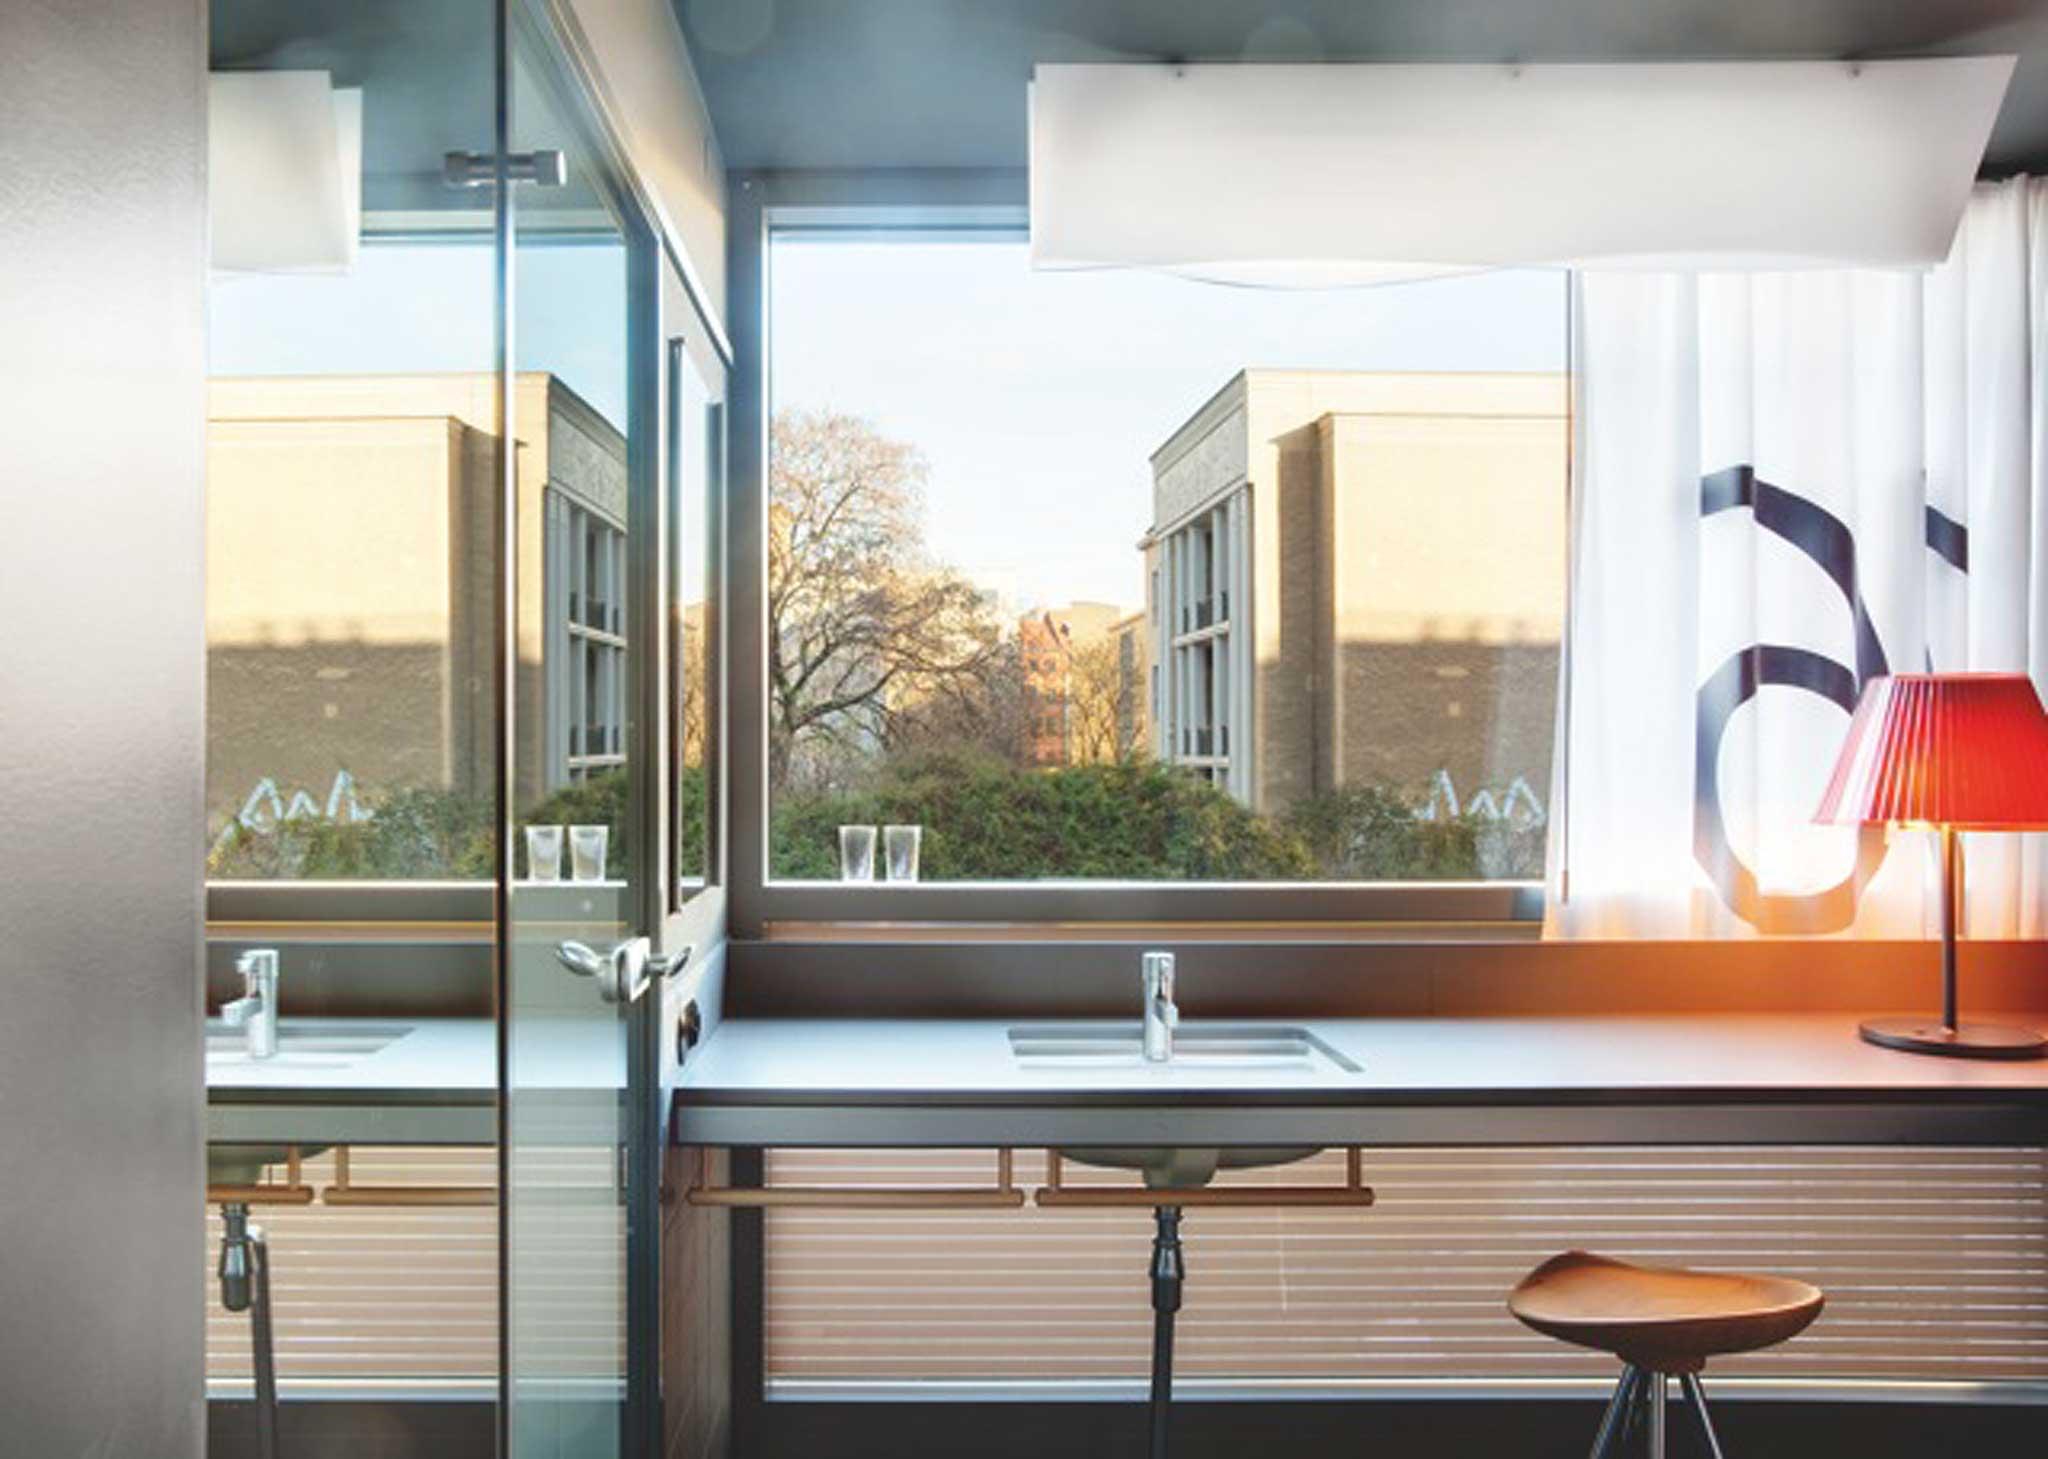 Die meiste wache Zeit im Hotelzimmer wird im Bad verbracht. Daher liegt es am Fenster.